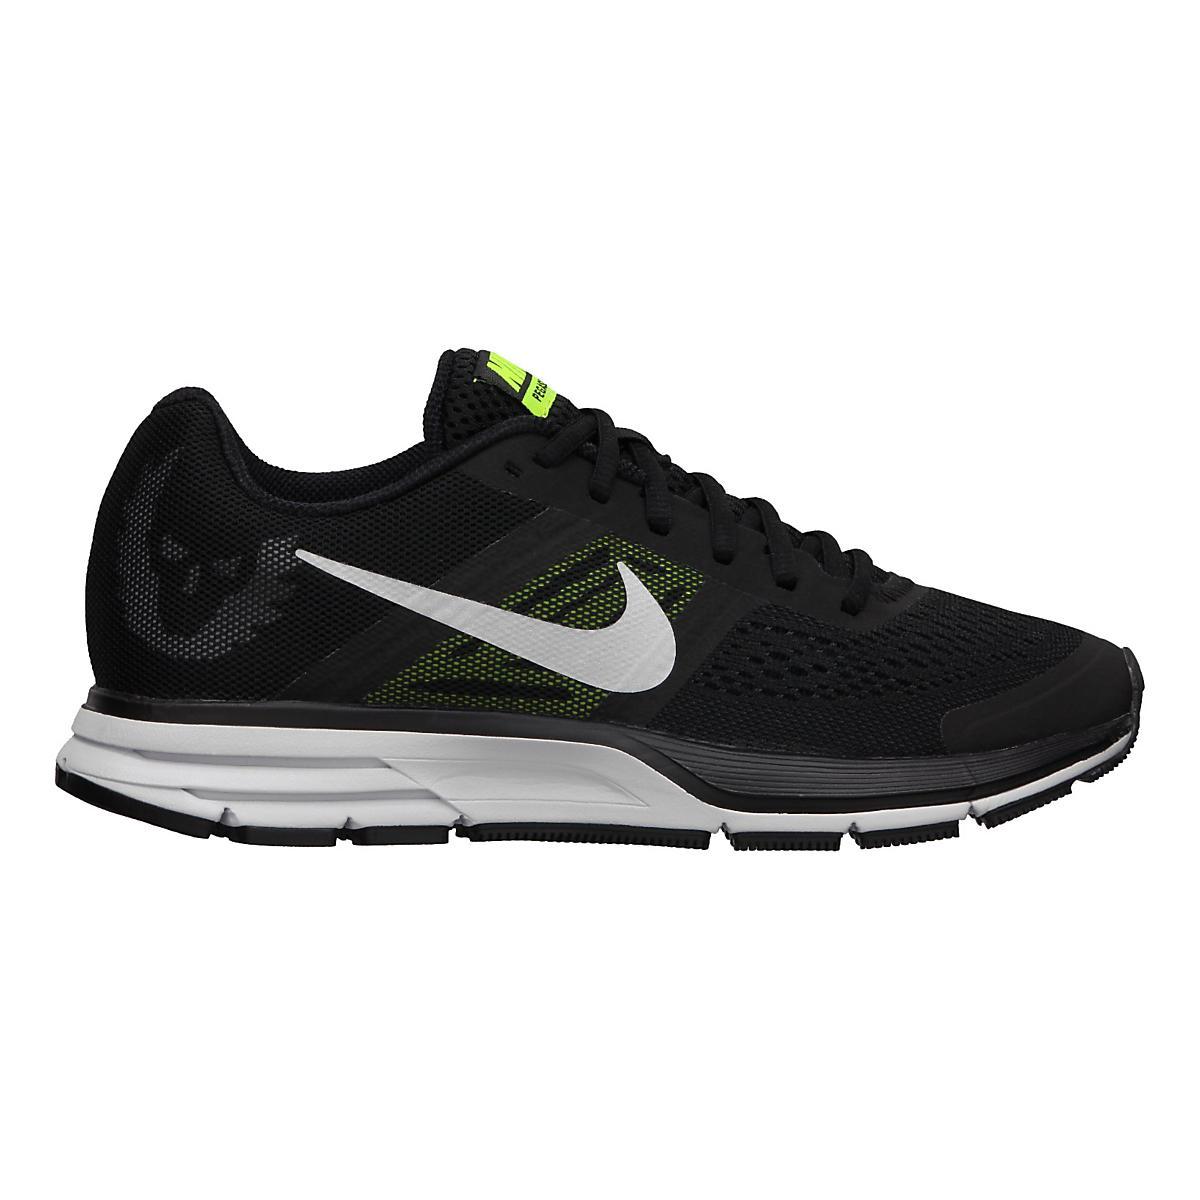 huge discount b9787 4506b Mens Nike Air Pegasus+ 30 Oregon Project Running Shoe at Road Runner Sports